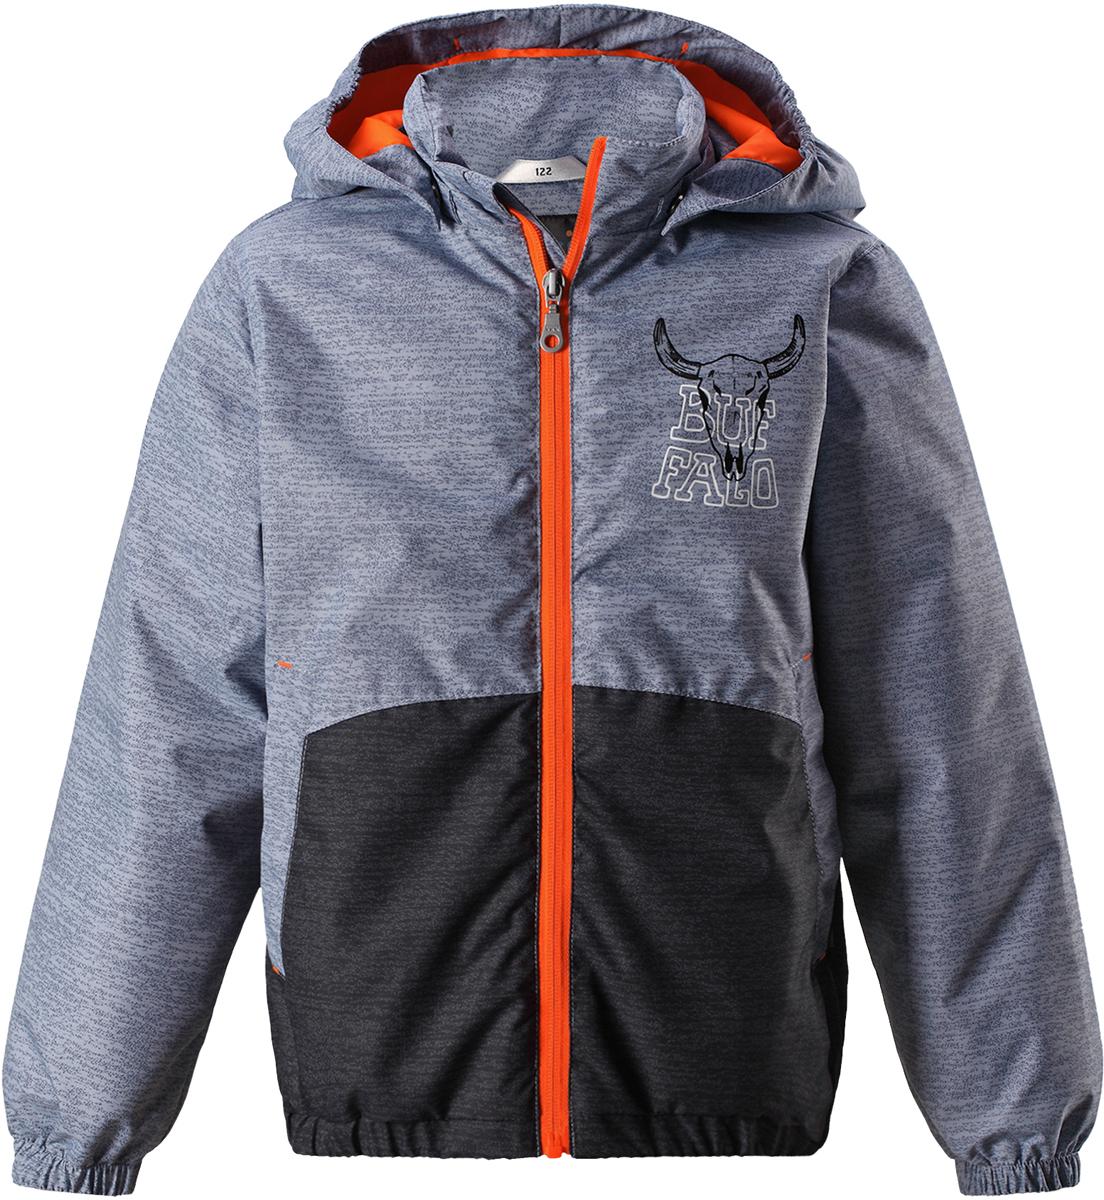 Куртка для мальчика Lassie, цвет: серый. 721727R9121. Размер 128721727R9121Детская куртка Lassie идеально подойдет для ребенка в холодное время года. Куртка изготовлена из водоотталкивающей и ветрозащитной ткани. Материал отличается высокой устойчивостью к трению, благодаря специальной обработке полиуретаном поверхность изделия отталкивает грязь и воду, что облегчает поддержание аккуратного вида одежды, дышащее покрытие с изнаночной части не раздражает даже самую нежную и чувствительную кожу ребенка, обеспечивая ему наибольший комфорт. Куртка застегивается на пластиковую застежку-молнию с защитой подбородка, благодаря чему ее легко надевать и снимать. Края рукавов дополнены неширокими эластичными манжетами. Также модель дополнена светоотражающими элементами для безопасности в темное время суток. Все швы проклеены, не пропускают влагу и ветер.